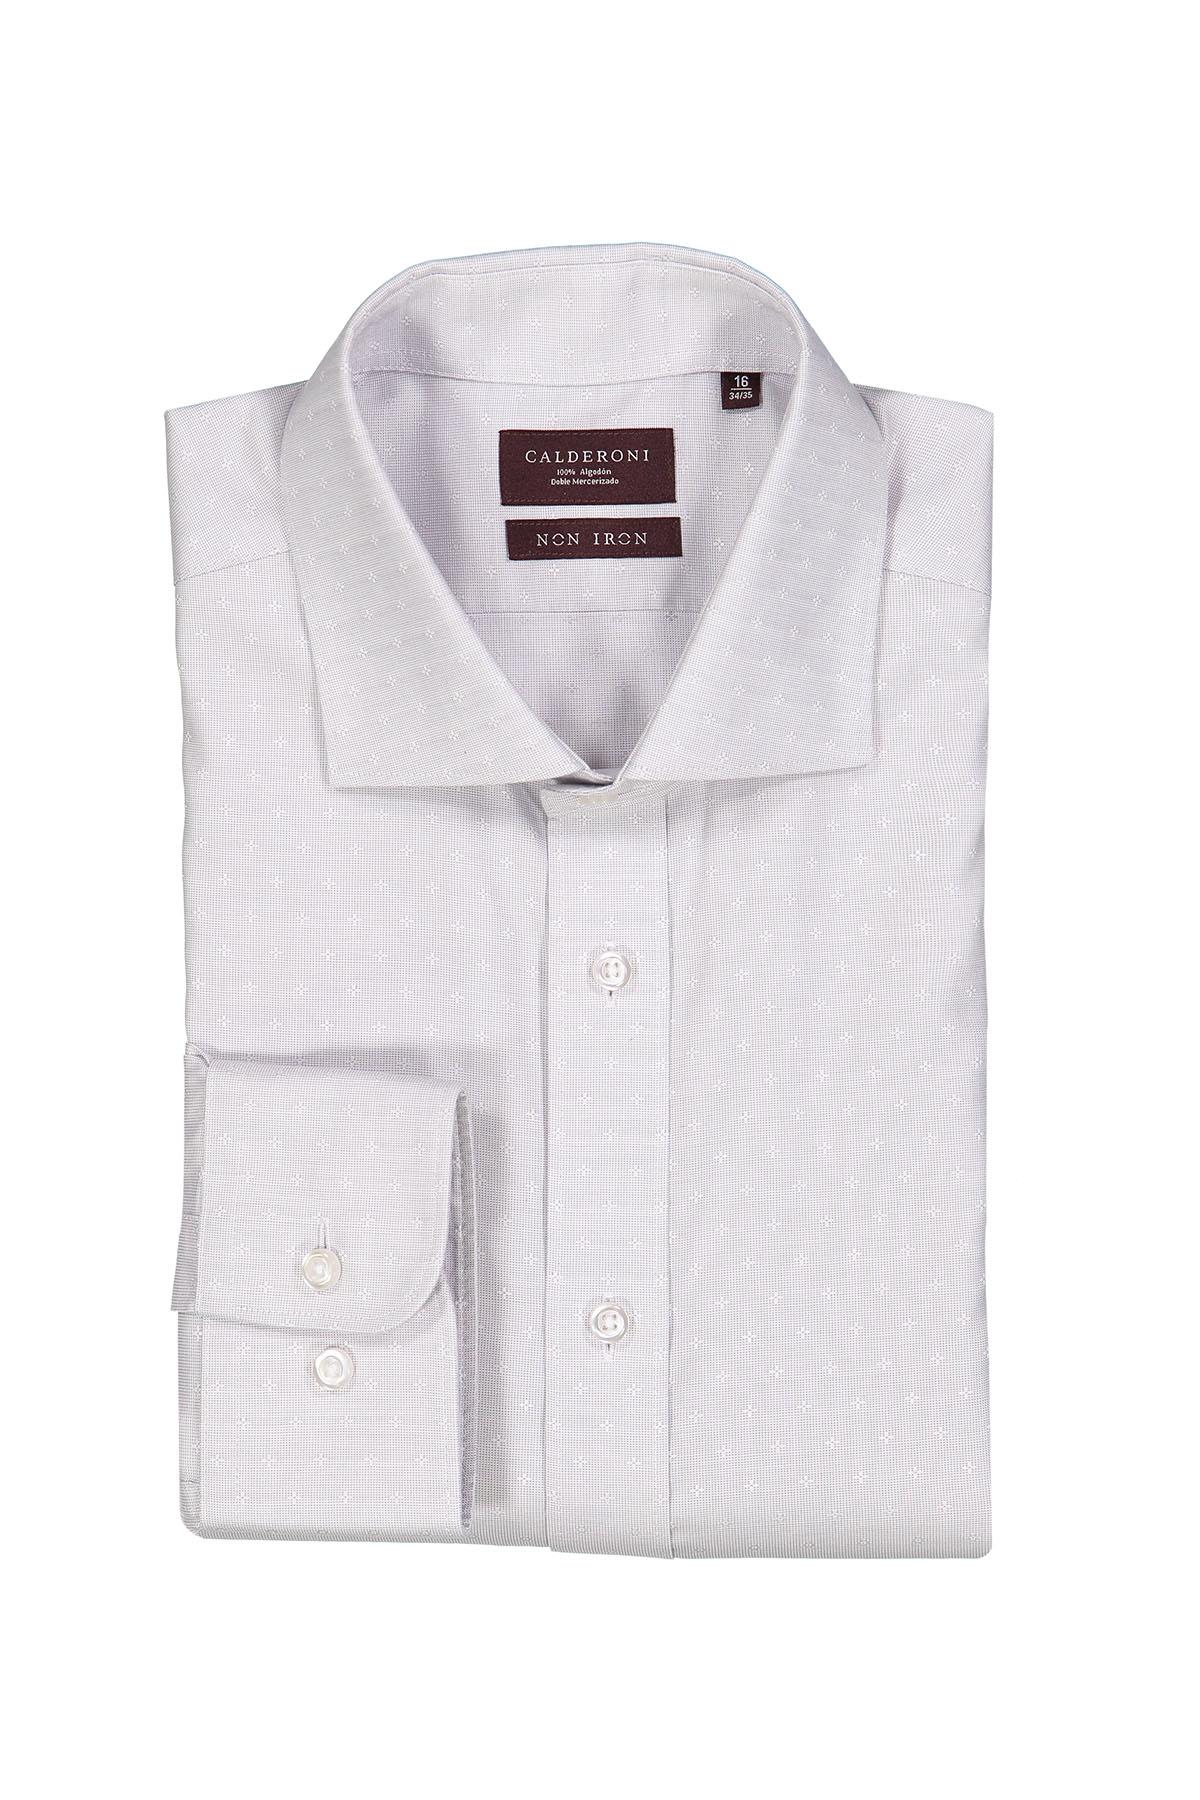 Camisa Calderoni -Non Iron 24/7- fil a fil gris con fantasía.